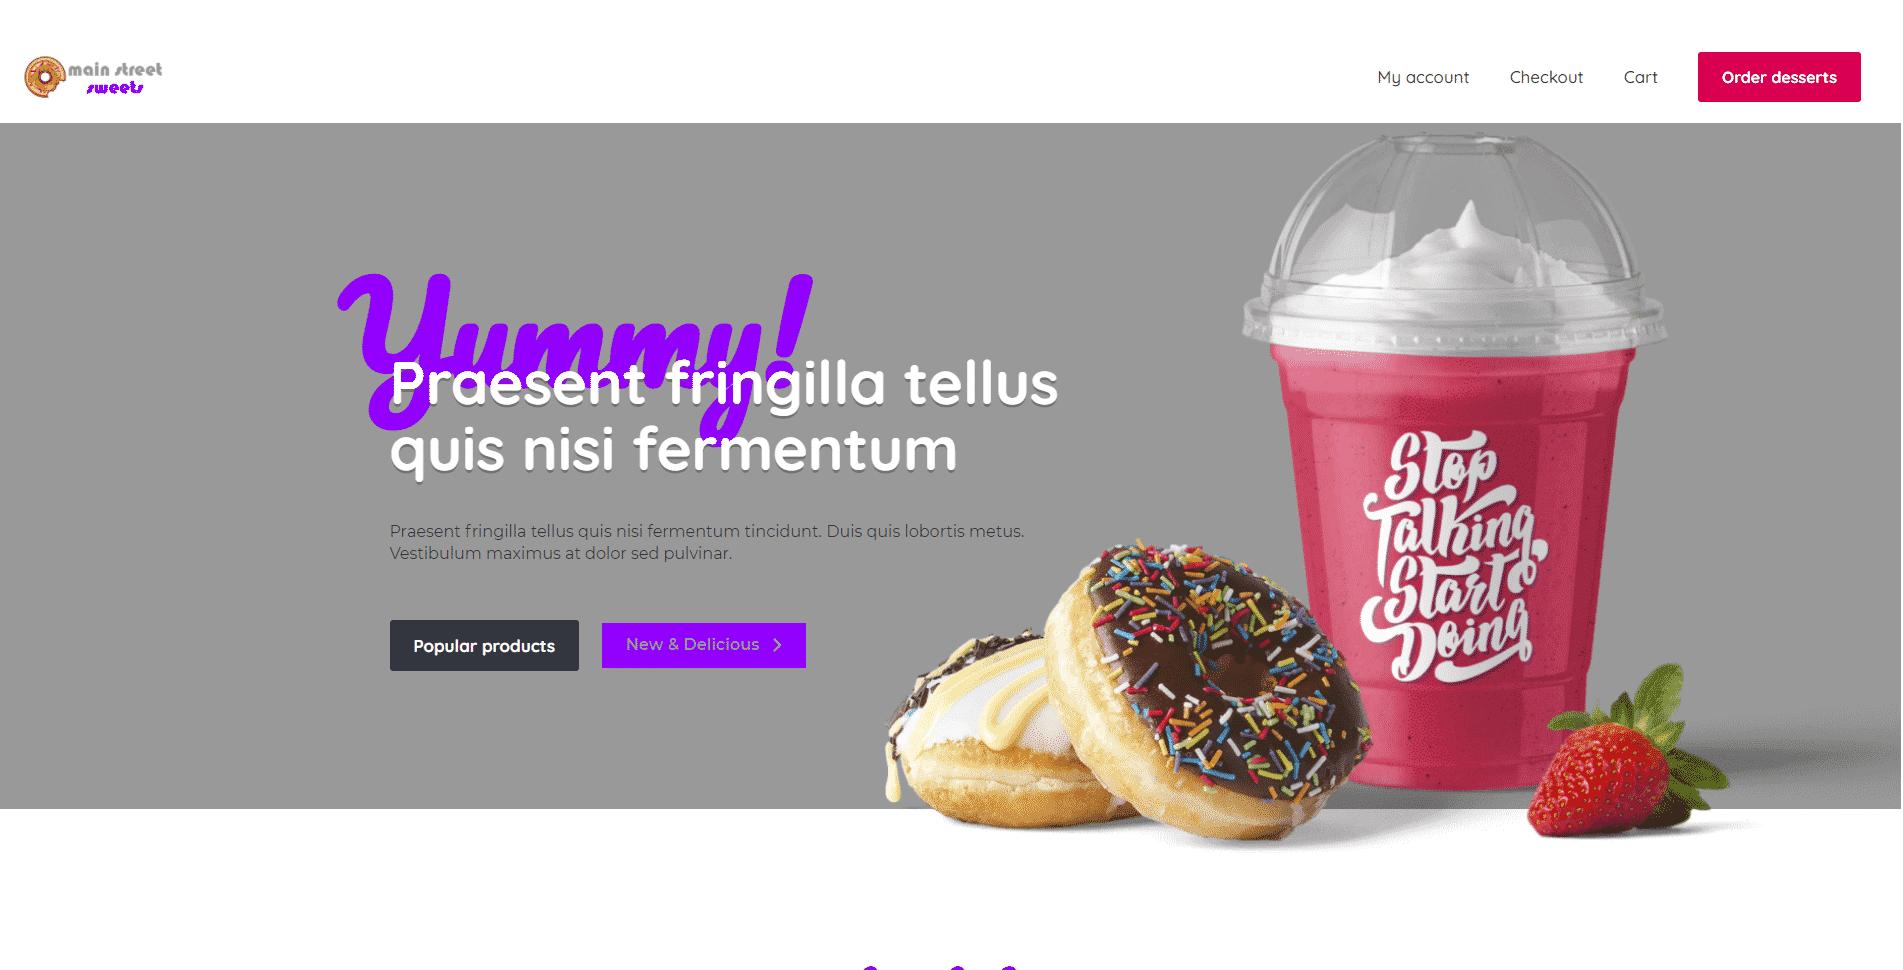 MS_Sweets_Screenshot